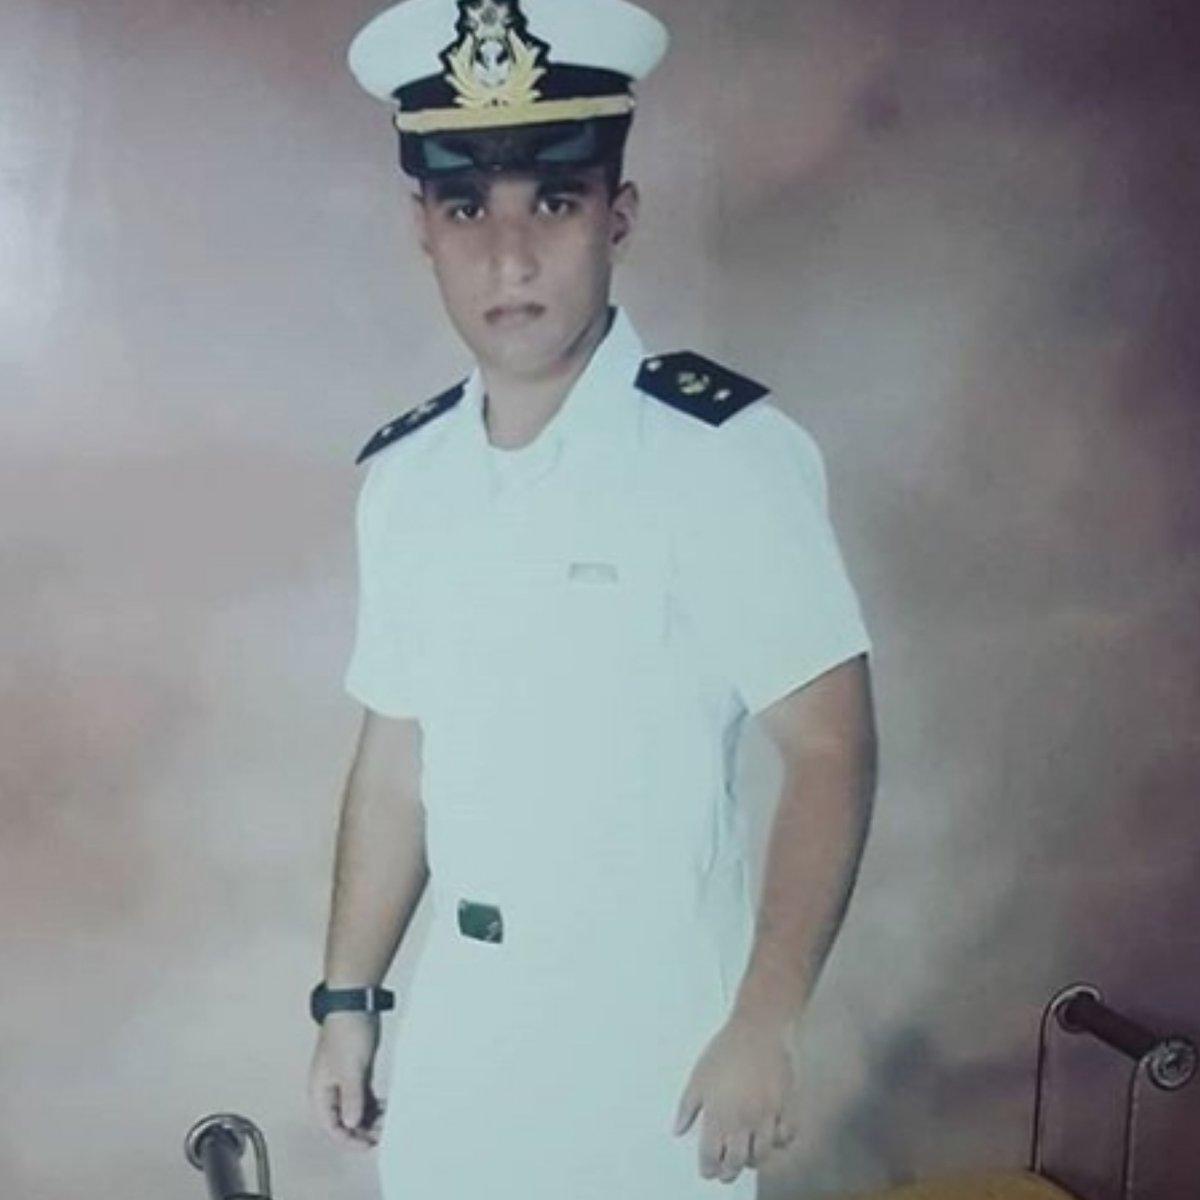 Lembrança de 2011⏳ • Tbt dos 16 anos de idade ❤ • Marinha do Brasil 🇧🇷⚓ • Essa foi para o Orkut/MSN 😂  #riodejaneiro #angradosreis #colegionaval #marinhadobrasil #velhostempos #orkut